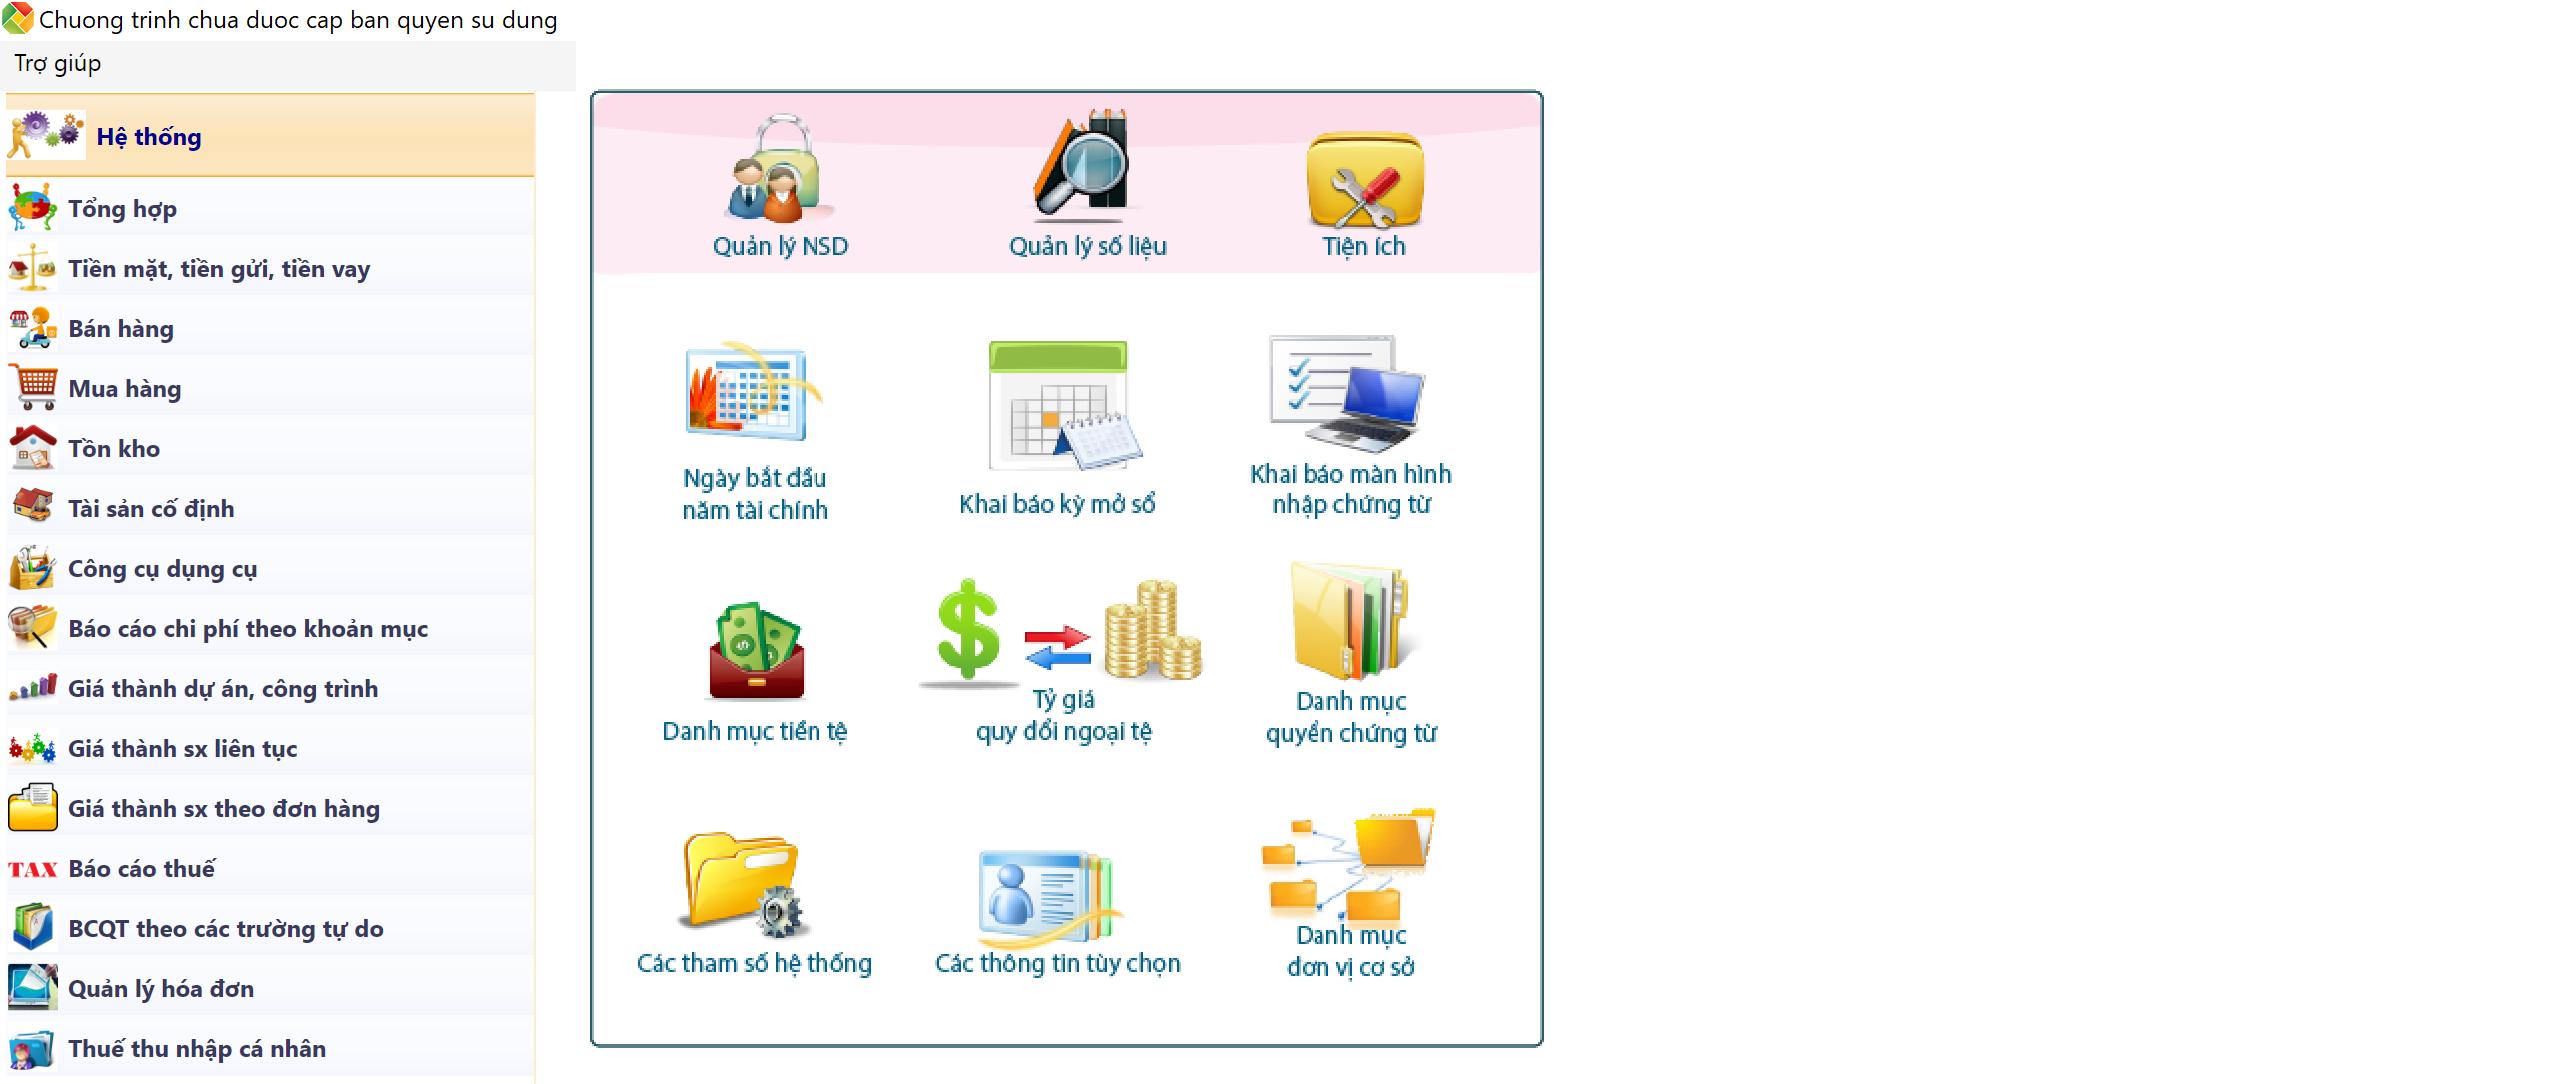 phần mềm kế toán việt nam - Sthink Accounting